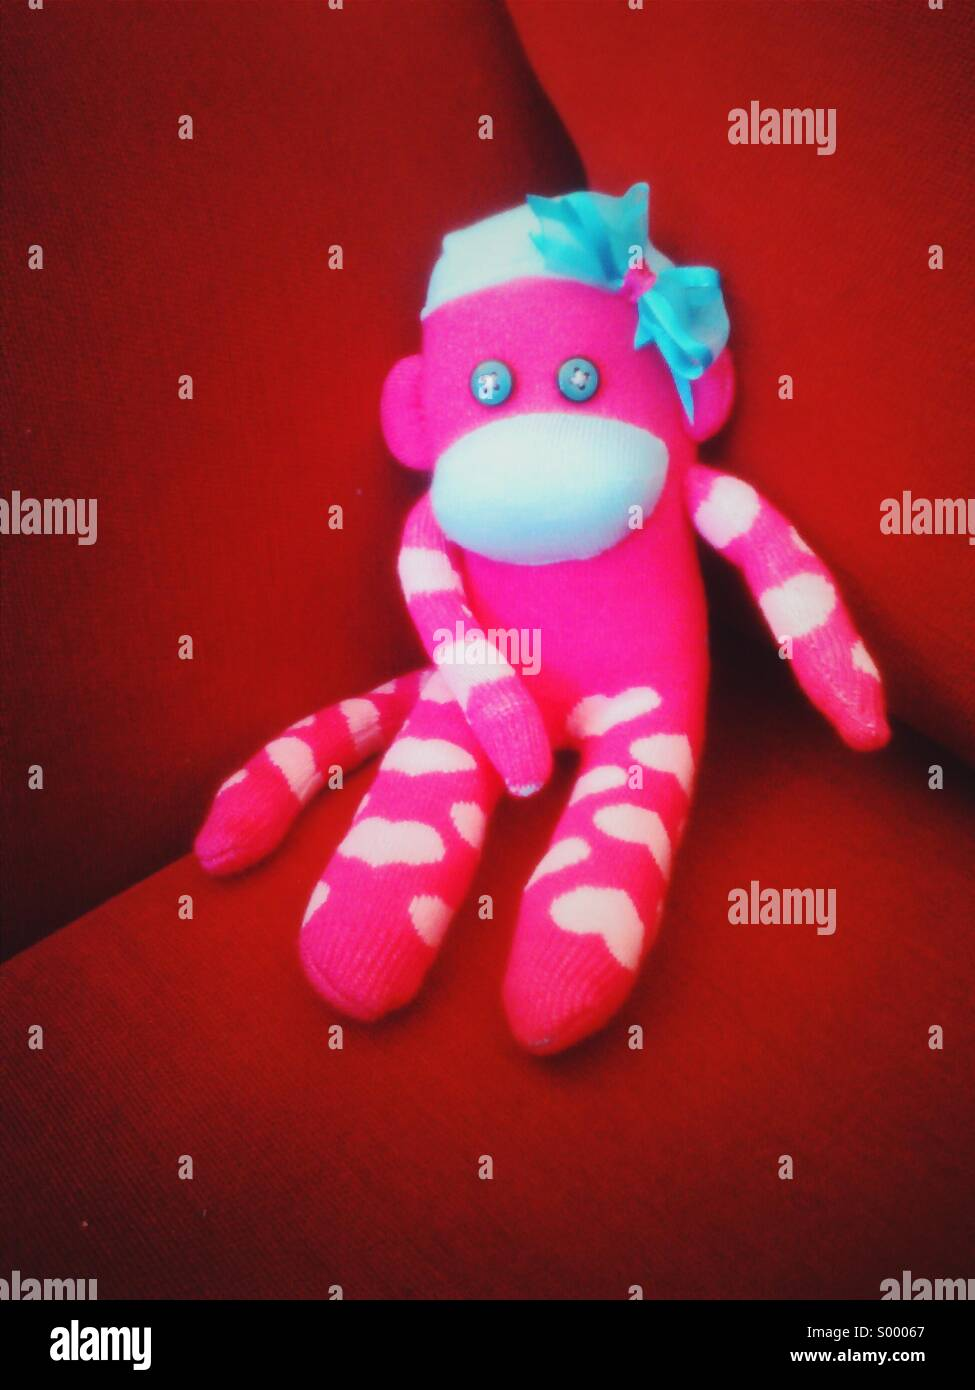 Calza rosa monkey rilassato sul divano rosso Immagini Stock